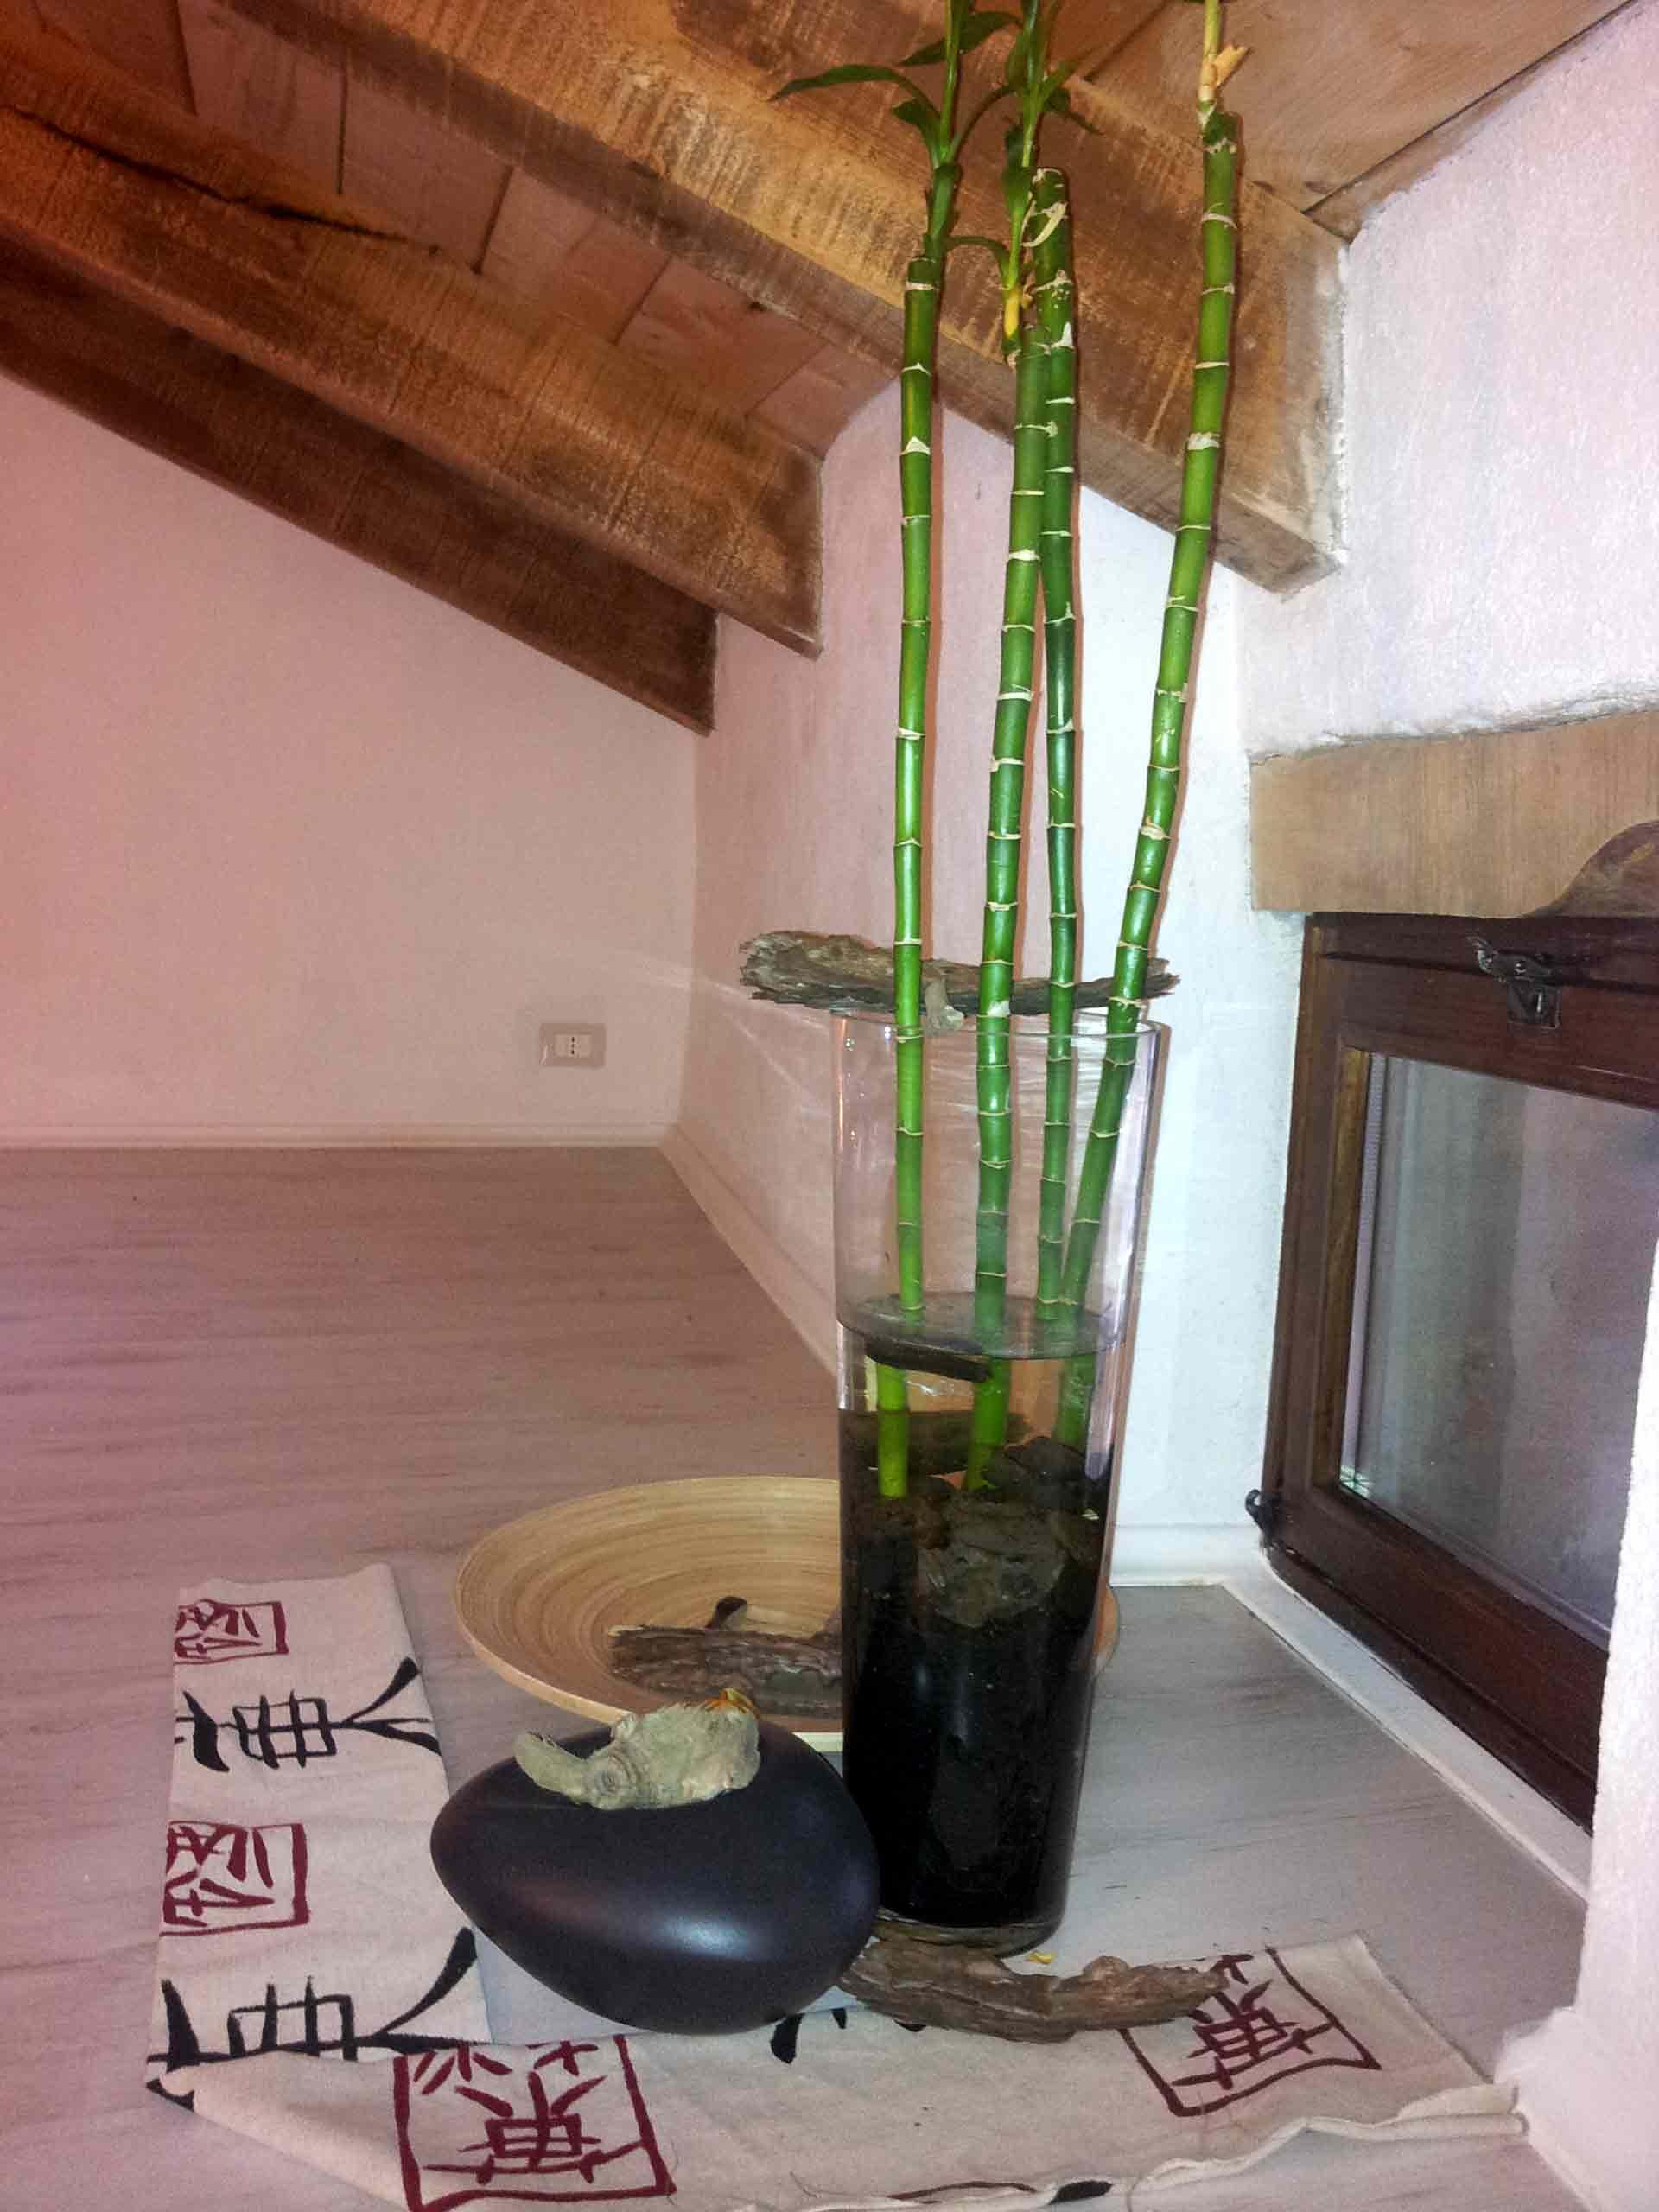 Camera zen composizione bambu B&B & meditation center Zorba il Buddha Passerano Marmorito Asti